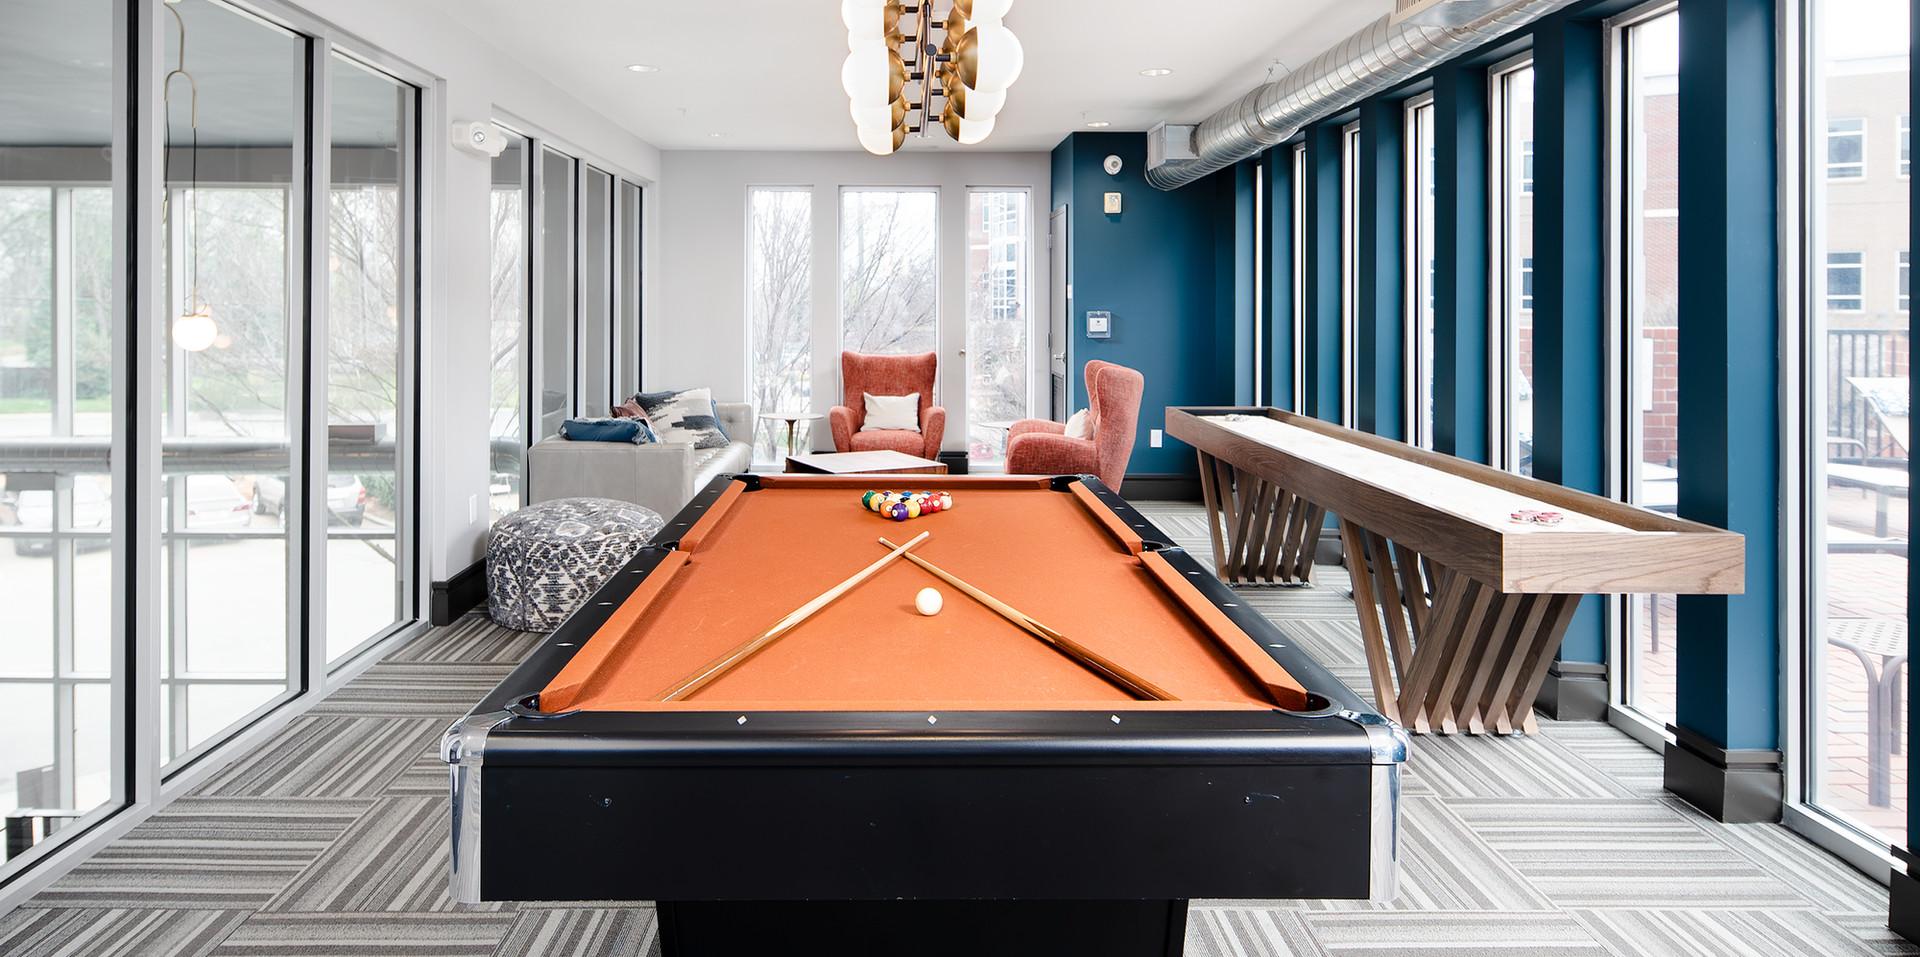 pool-table-1.jpg